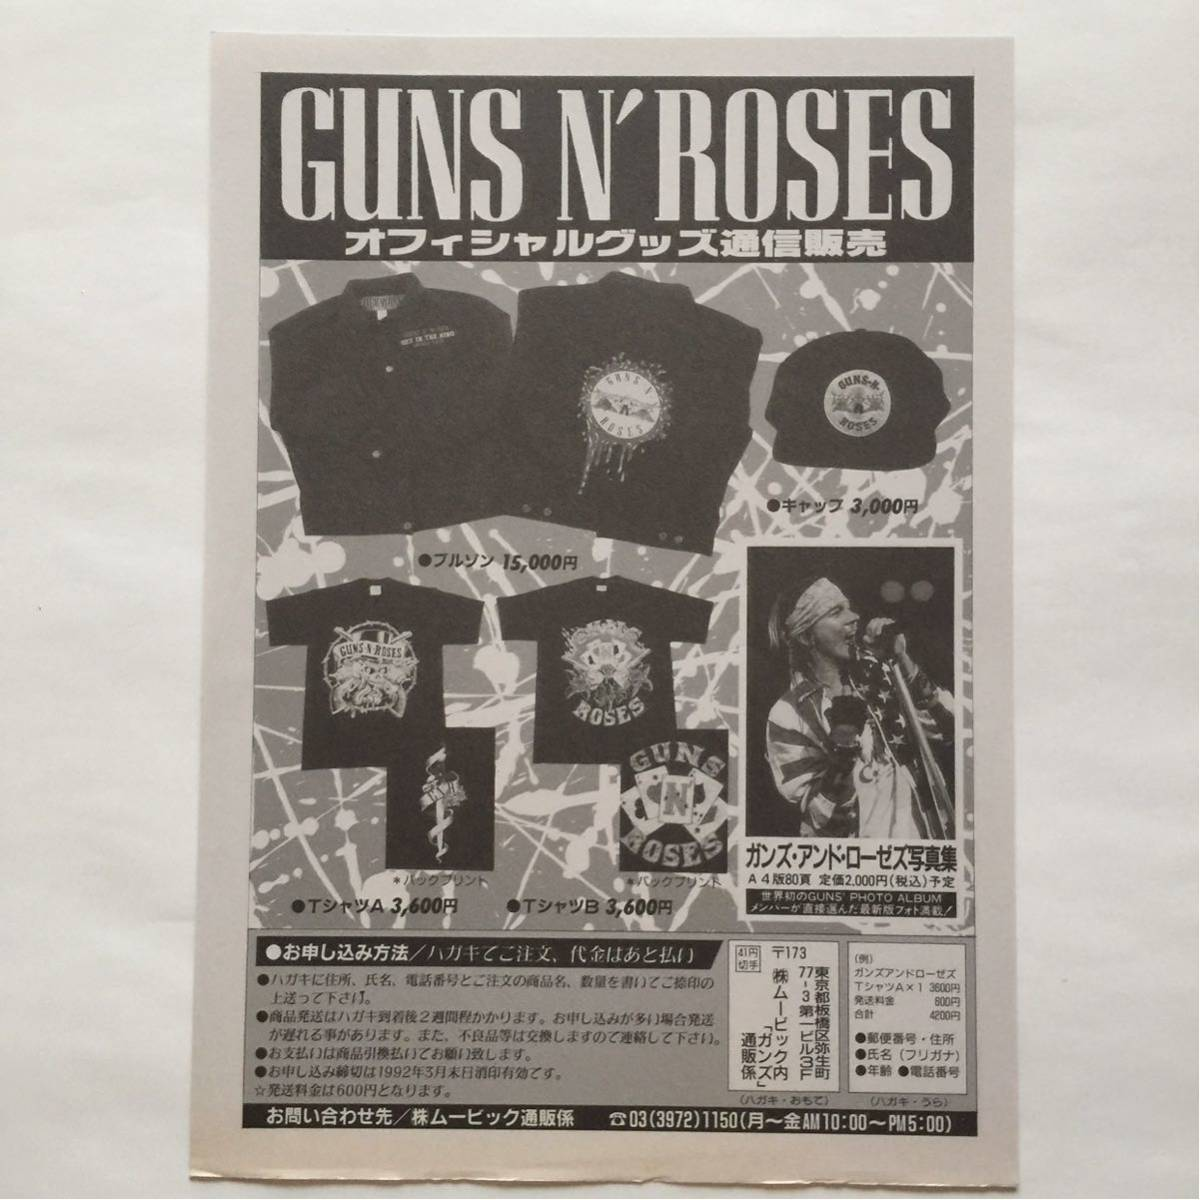 送料無料●Guns N' Roses/ガンズ・アンド・ローゼズ 90年代ちらし 「オフィシャルグッズ通信販売」白黒 当時物 資料_画像1